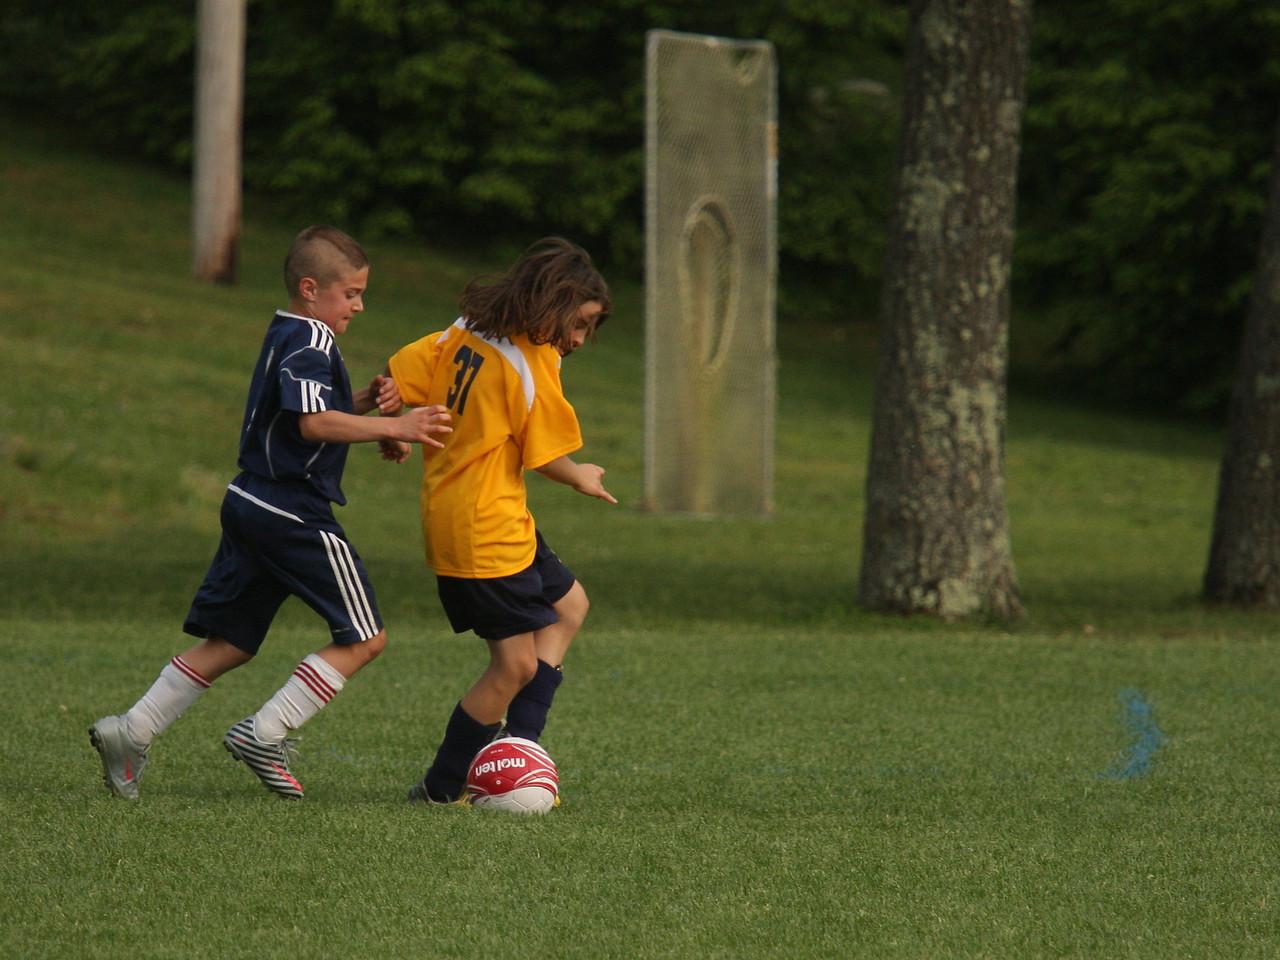 IMG4_27296 Brian NSC Soccer trmzb